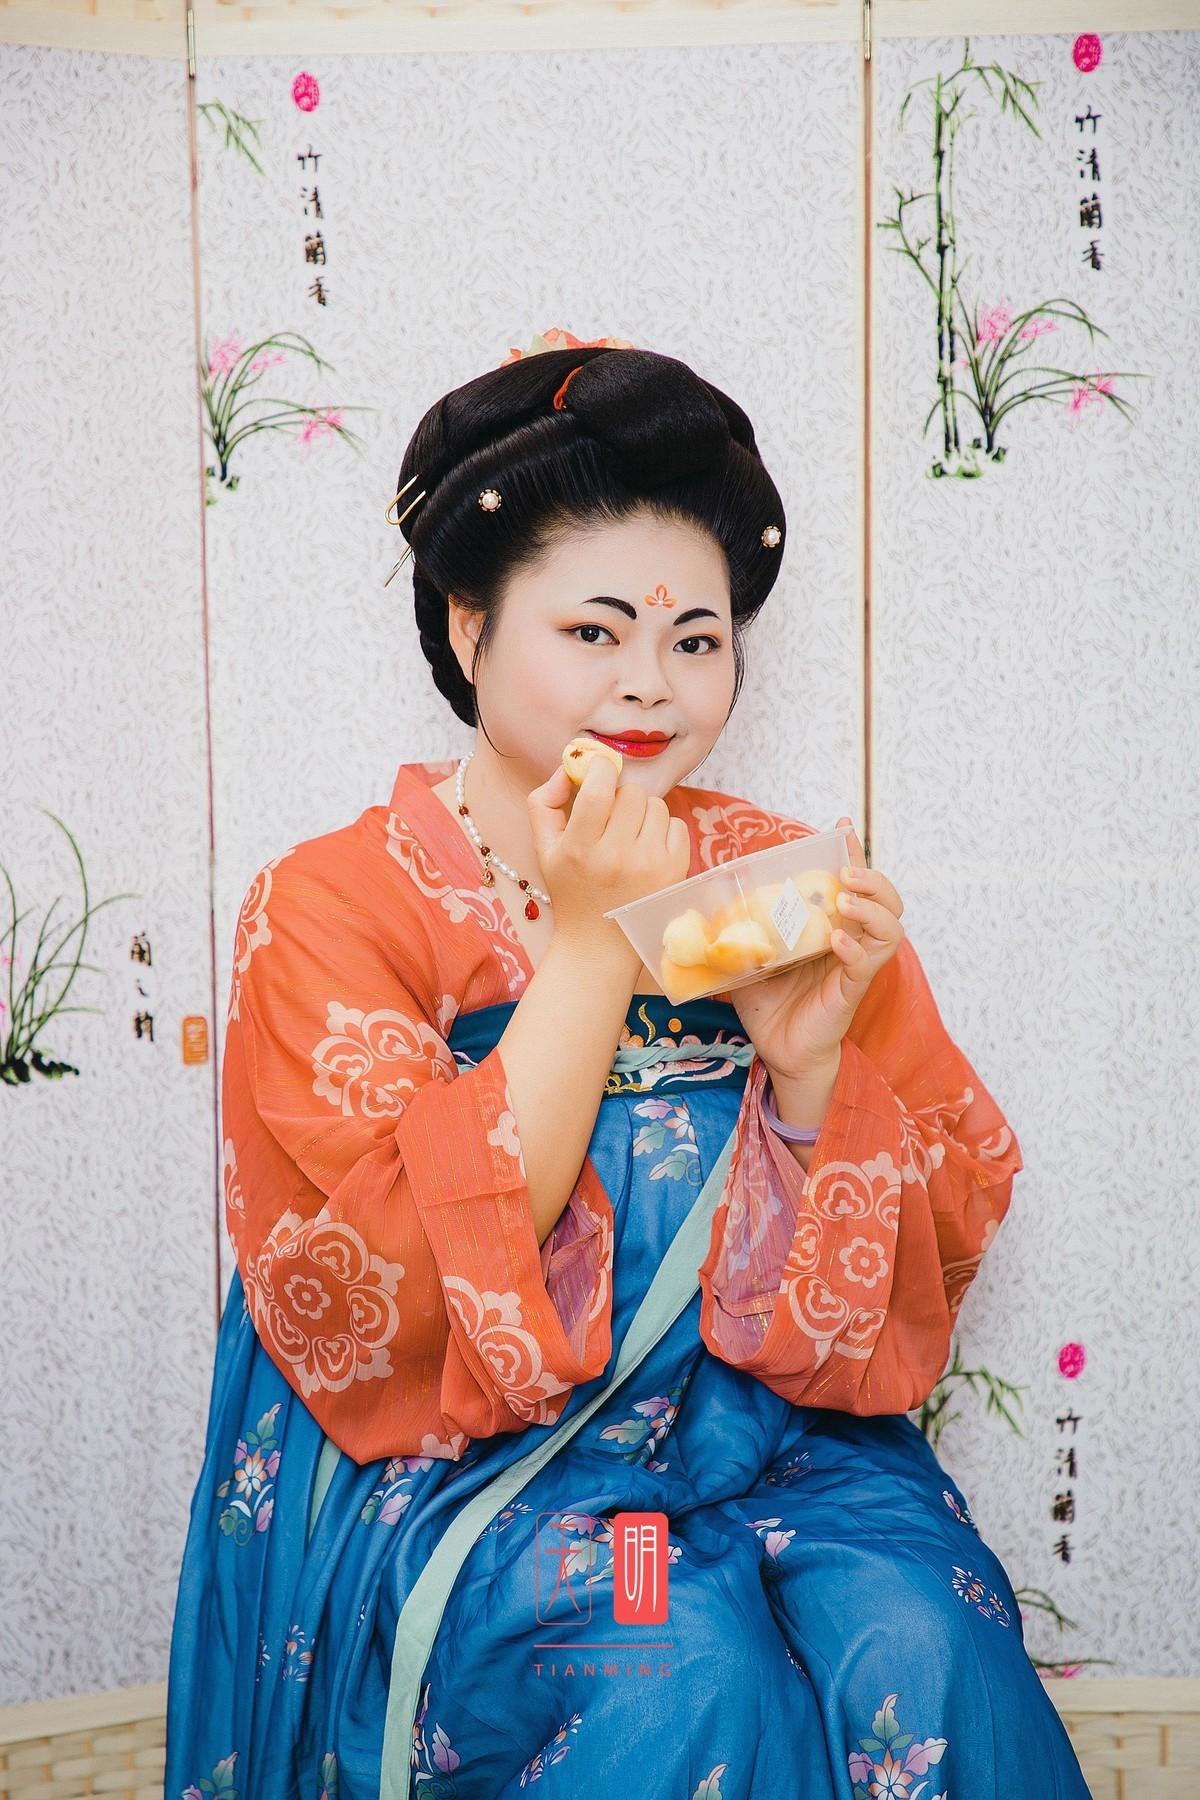 重庆有汤圆姐姐,广州有面包姐姐。